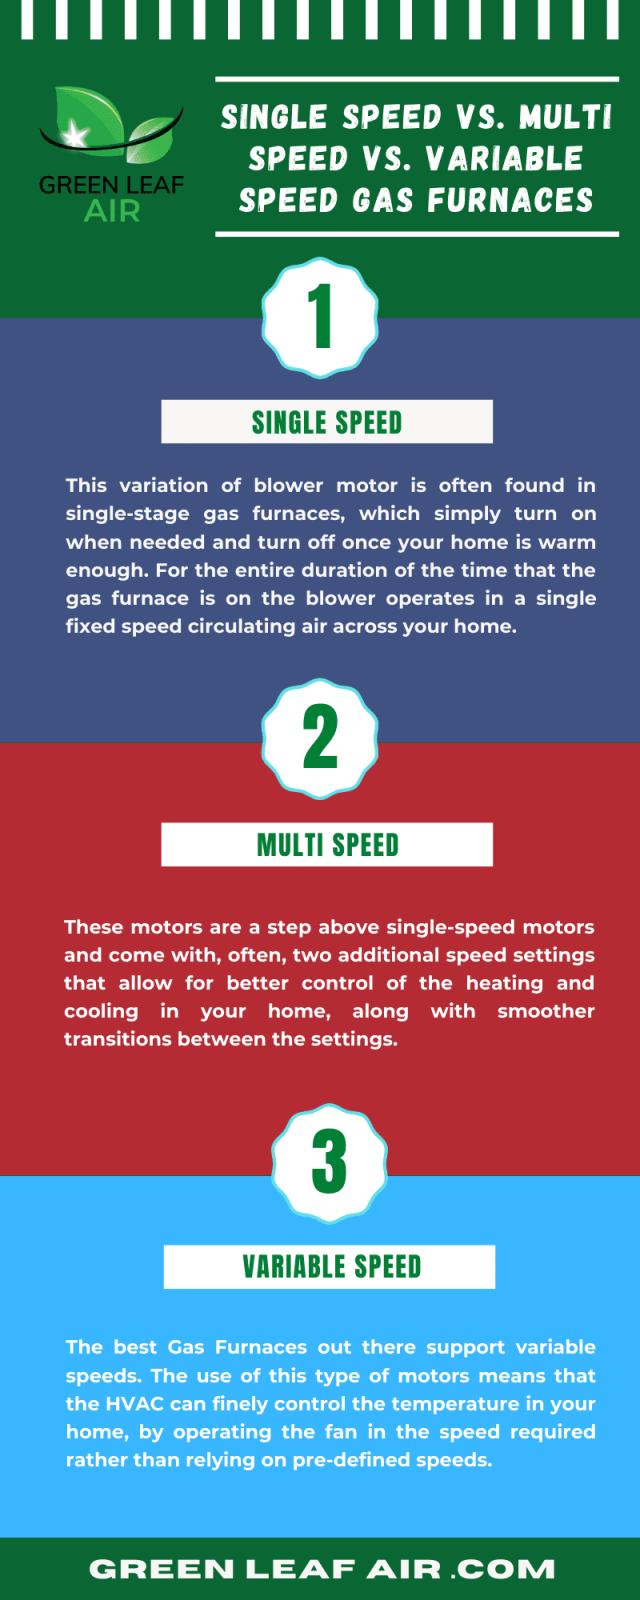 Single-Speed vs. Multi-Speed vs. Variable Speed Gas Furnaces